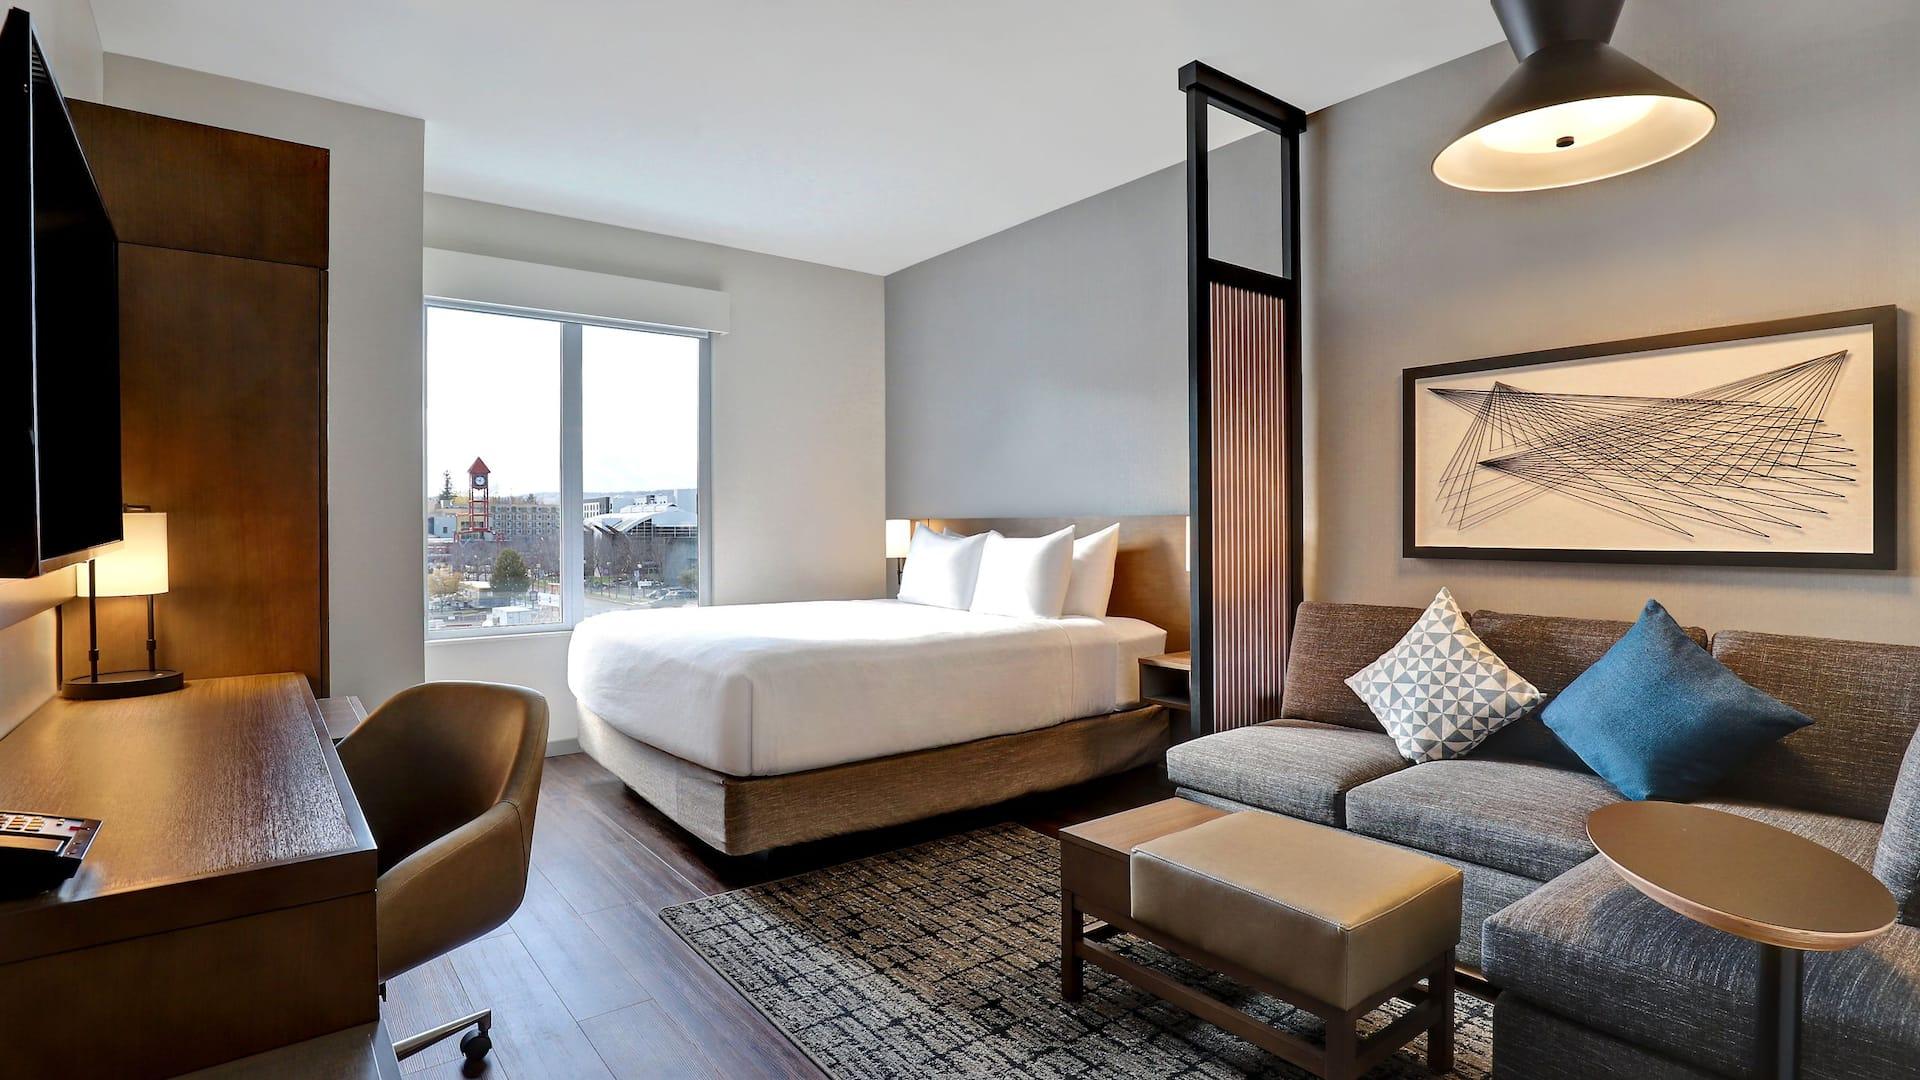 Hyatt Place King Bed